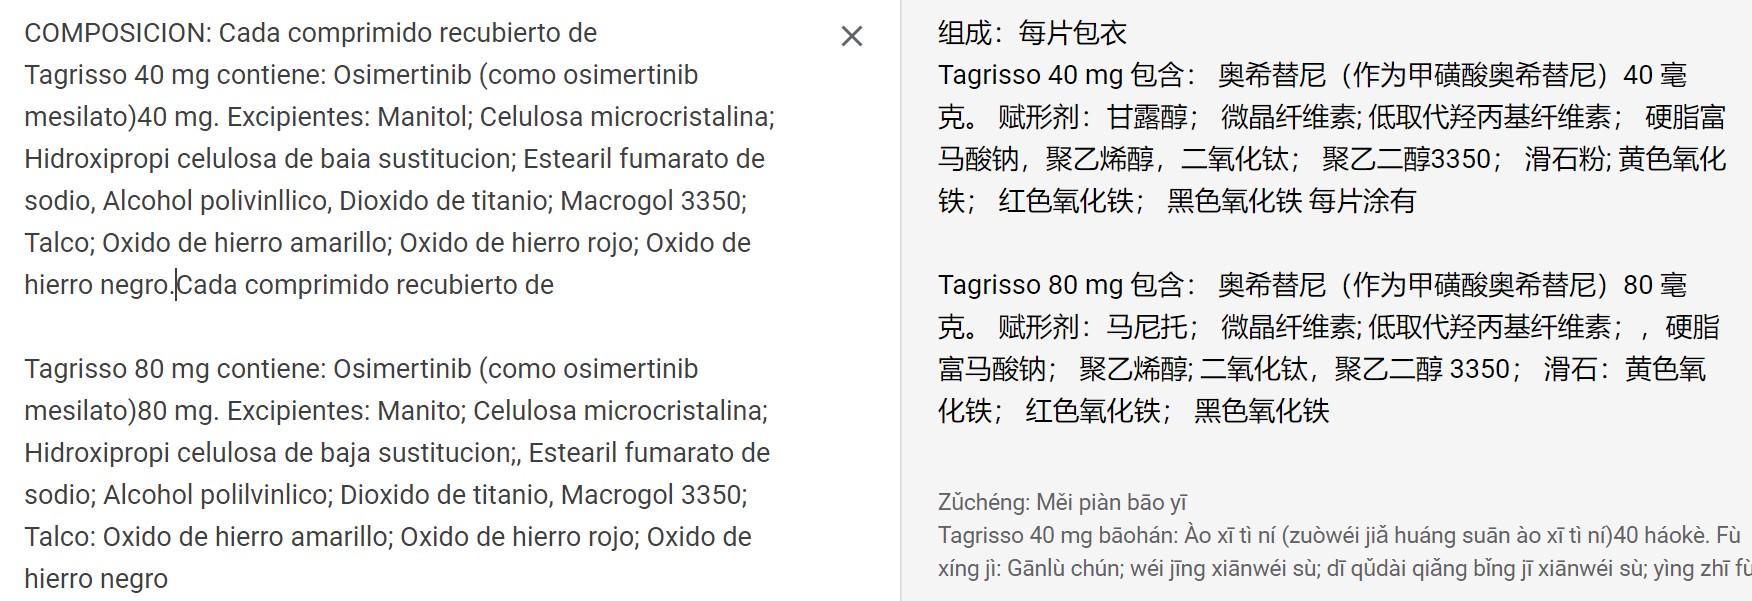 获取奥希替尼参比、化合物与制剂专利信息,查询奥希替尼制剂处方组成用量